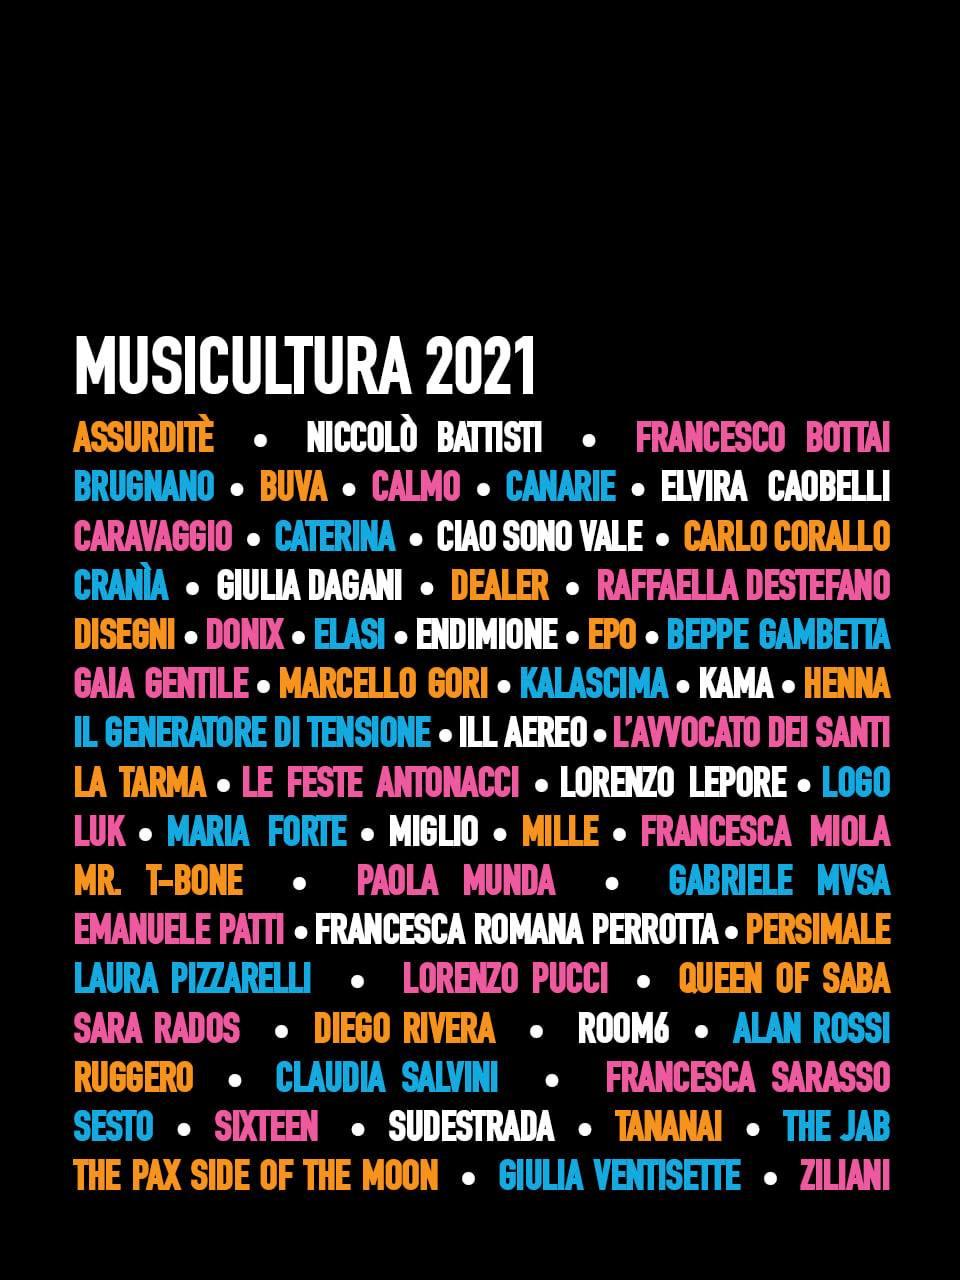 Luk selezionato per Musicultura 2021